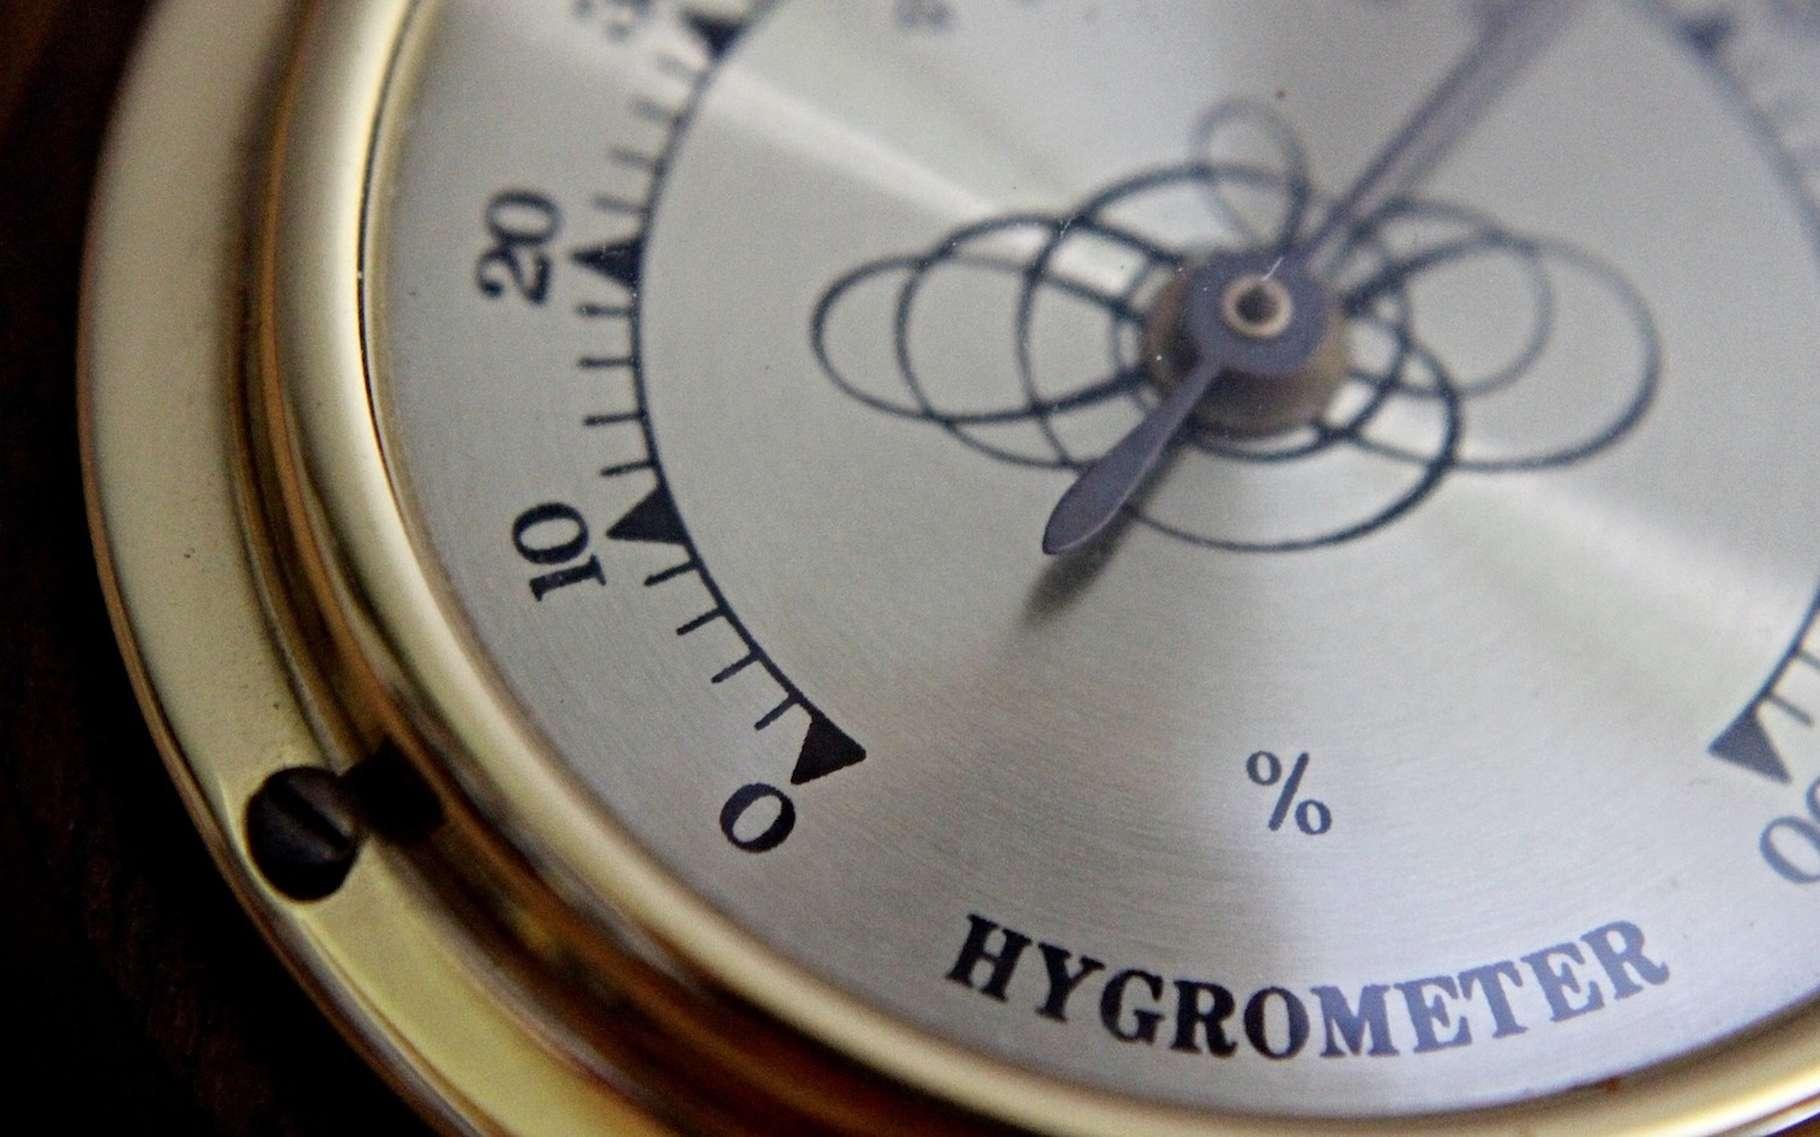 Un hygromètre sert à déterminer la quantité d'humidité présente dans l'atmosphère. © rschaller, Pixabay, DP